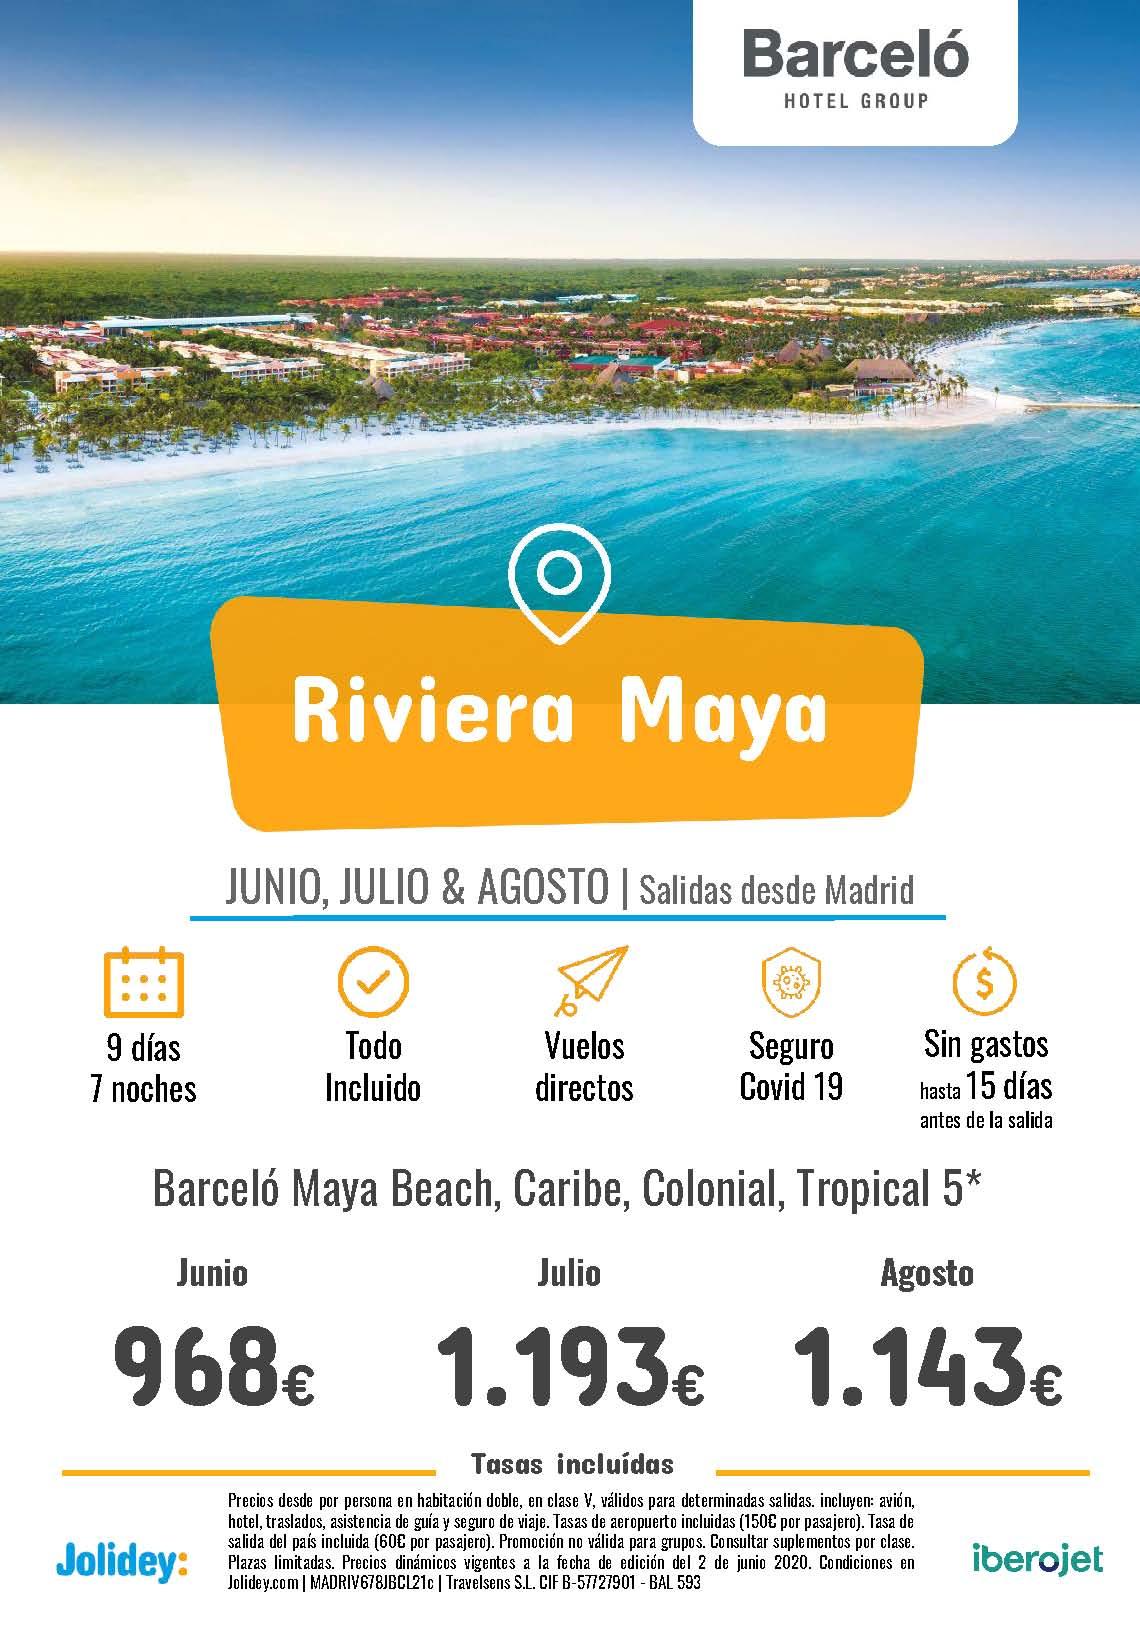 Ofertas Jolidey Riviera Maya en Hoteles Barcelo Junio Julio Agosto 2021 vuelo directo desde Madrid